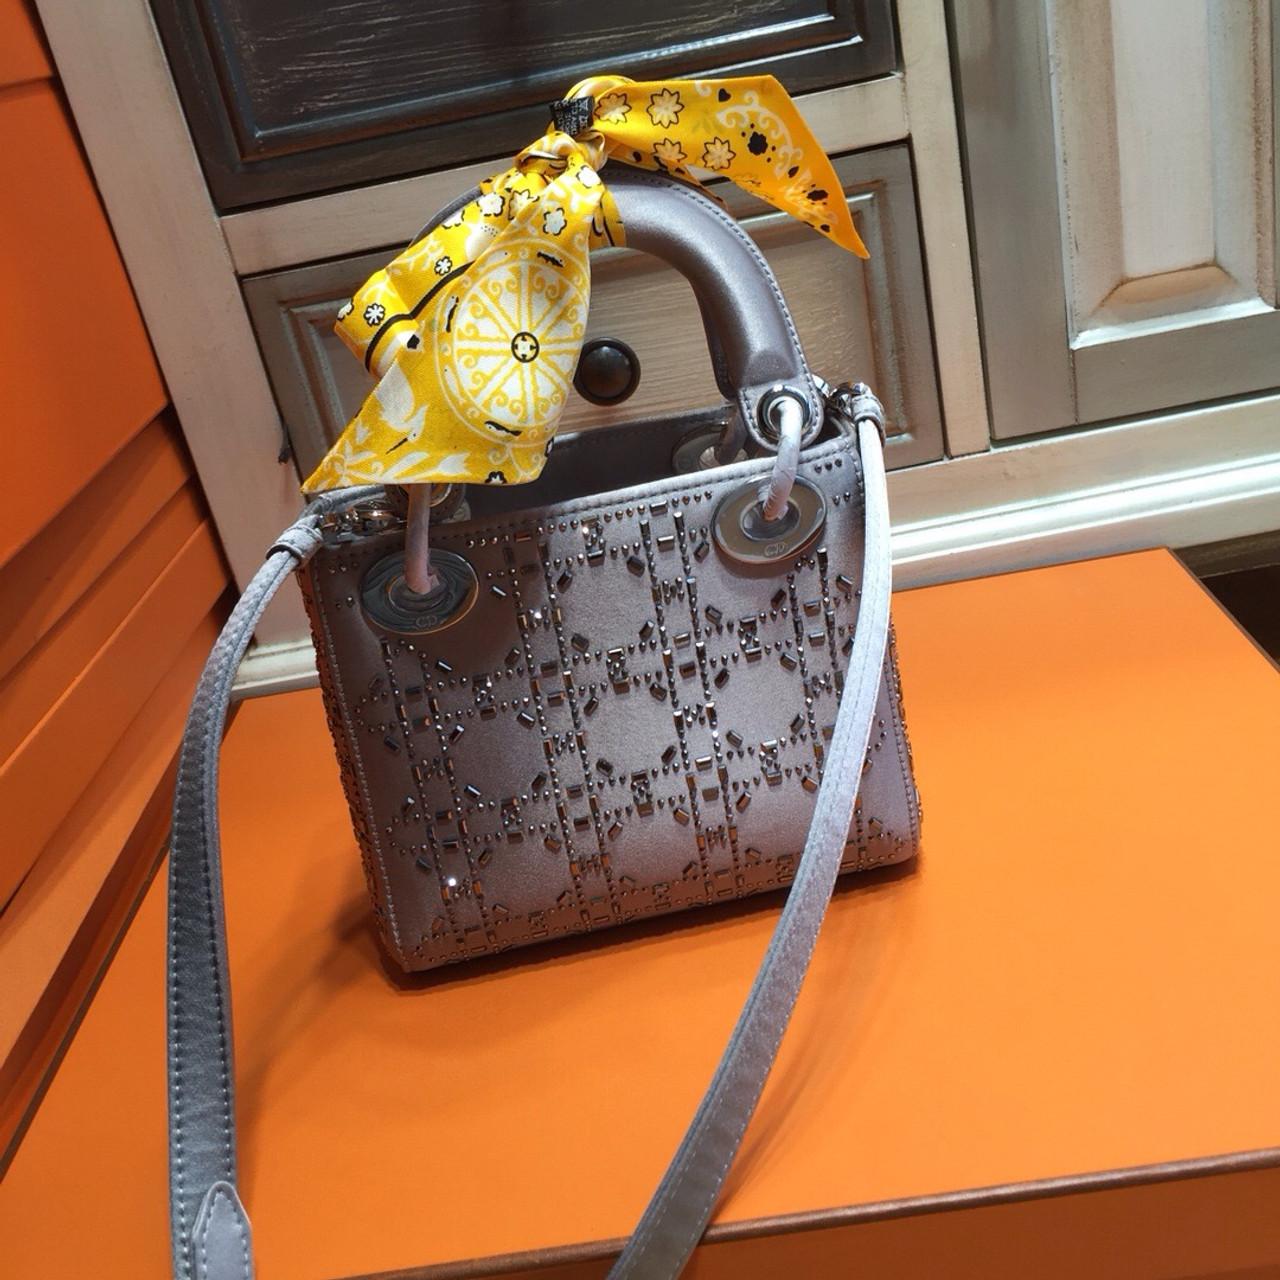 Christian Dior Limited Edition MINI LADY DIOR GREY SATIN BAG WITH SWAROVSKI  CANNAGE 7367495a19